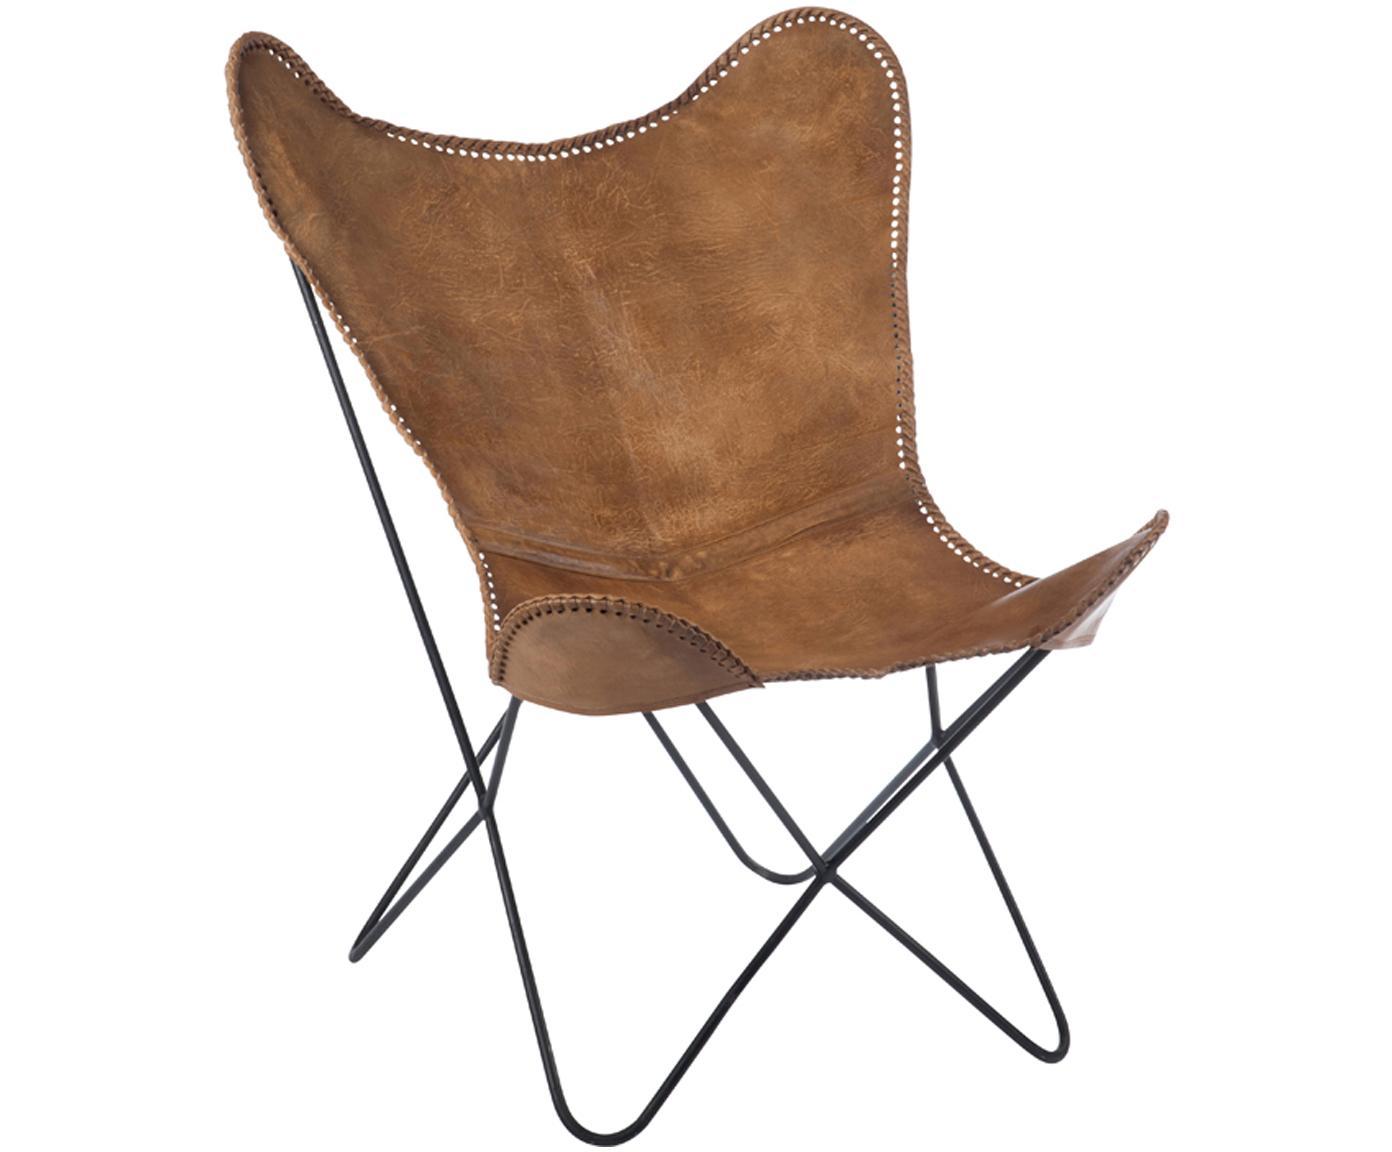 Butterfly fauteuil Brady van leer, Zitvlak: geitenleer, Frame: gelakt metaal, Bruin, B 67 x D 73 cm